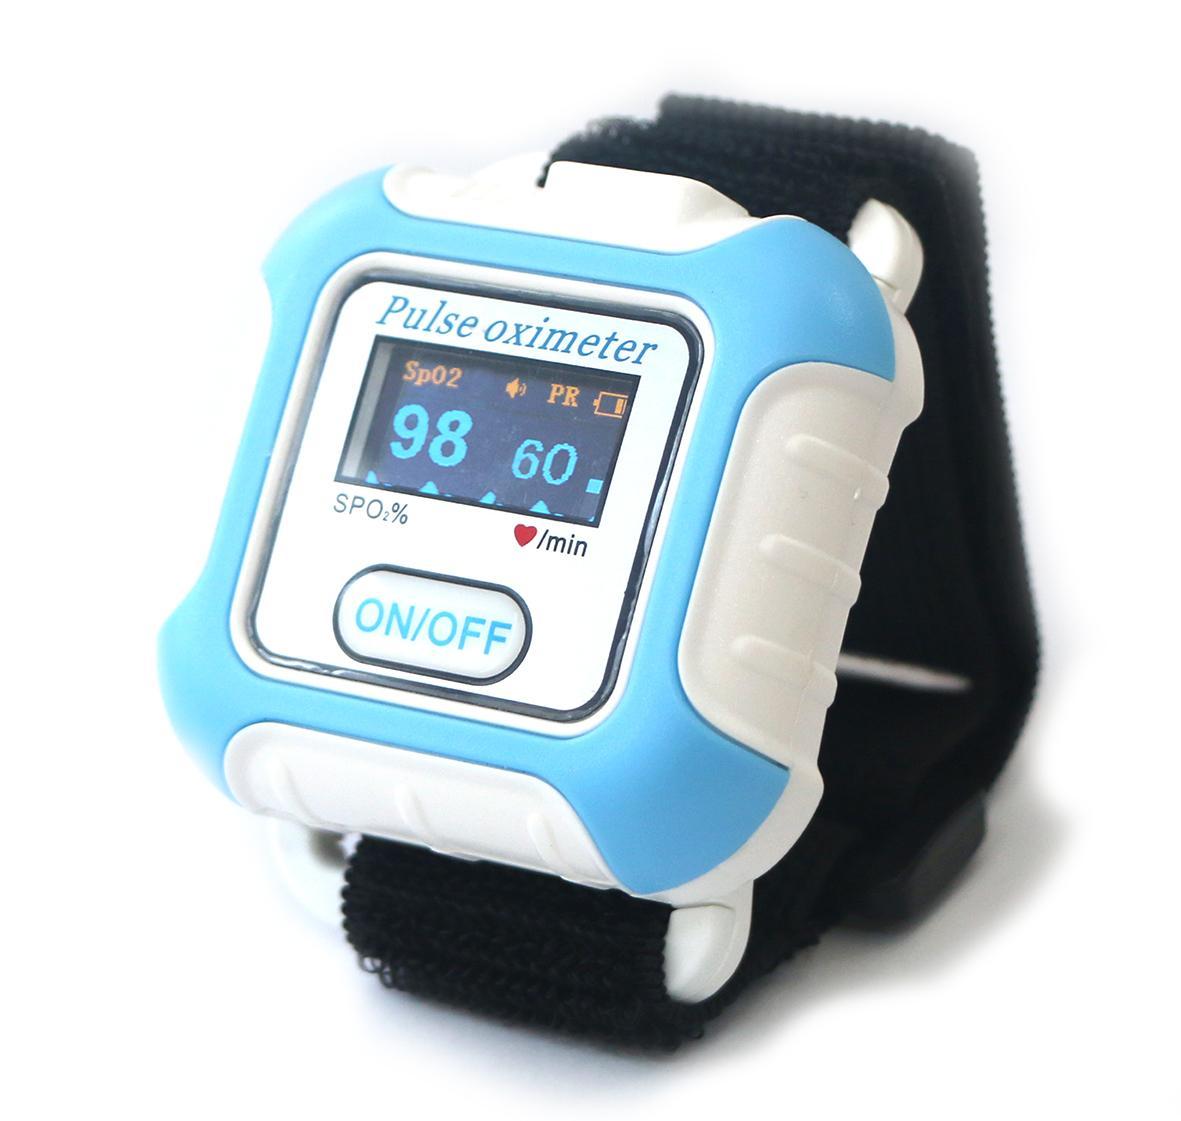 血氧傳感器LCD屏醫用睡眠腕部脈搏血氧儀 1